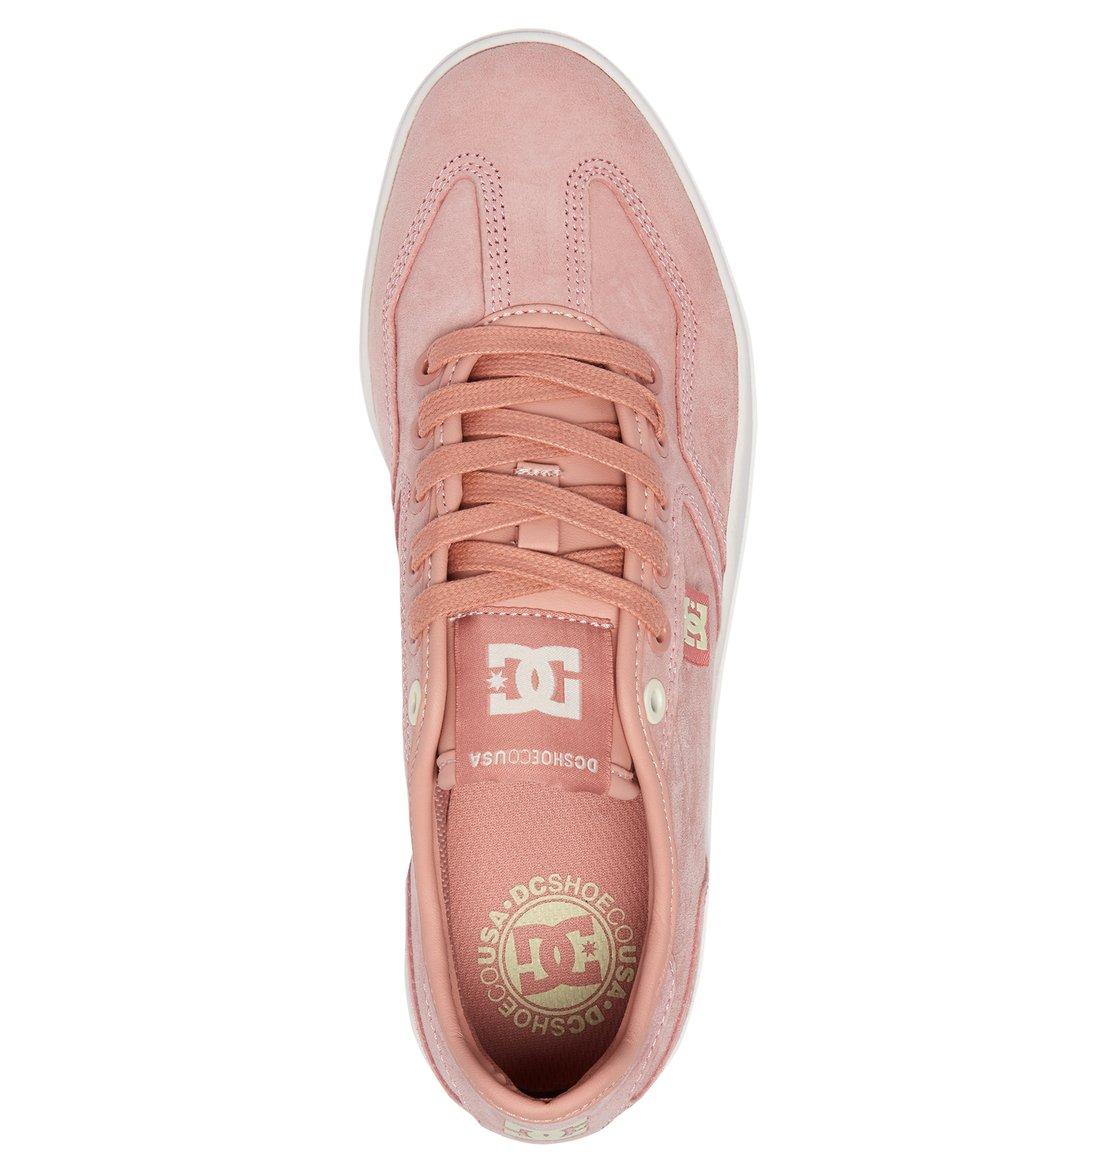 Vestrey LE - Chaussures en cuir - Orange - DC Shoes t6OCaQQ6t